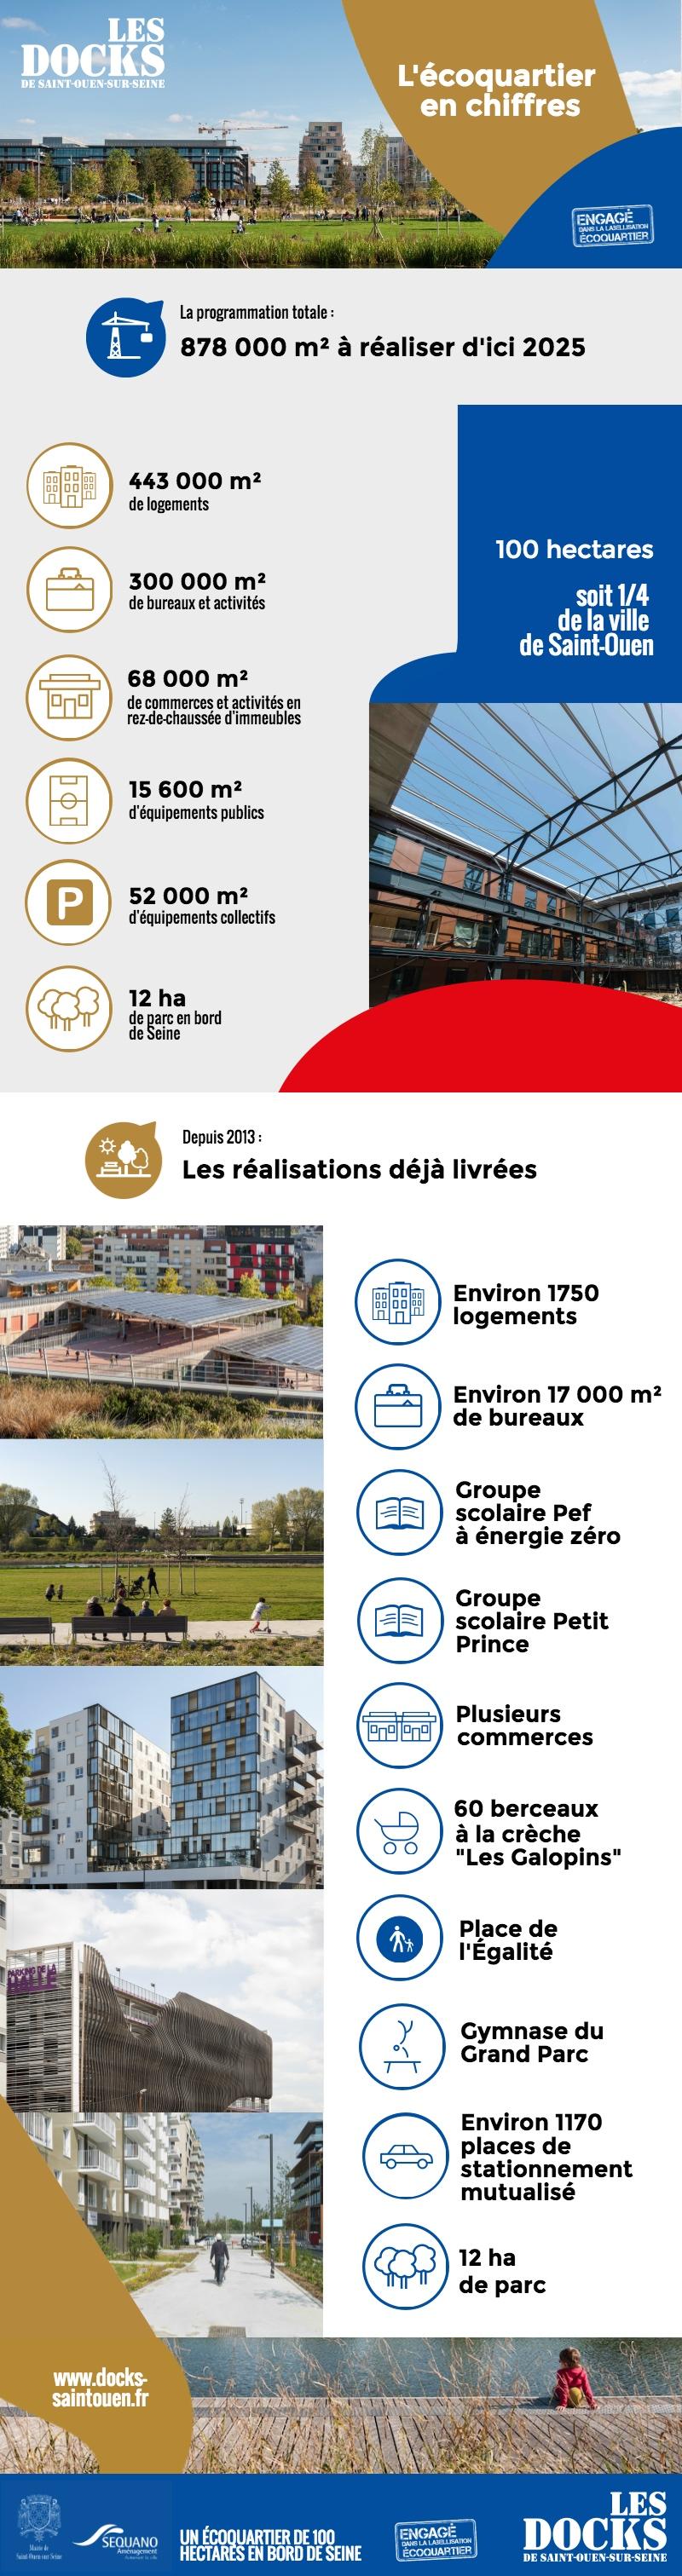 docks-de-saint-ouen-ecoquartier-chiffres_cles